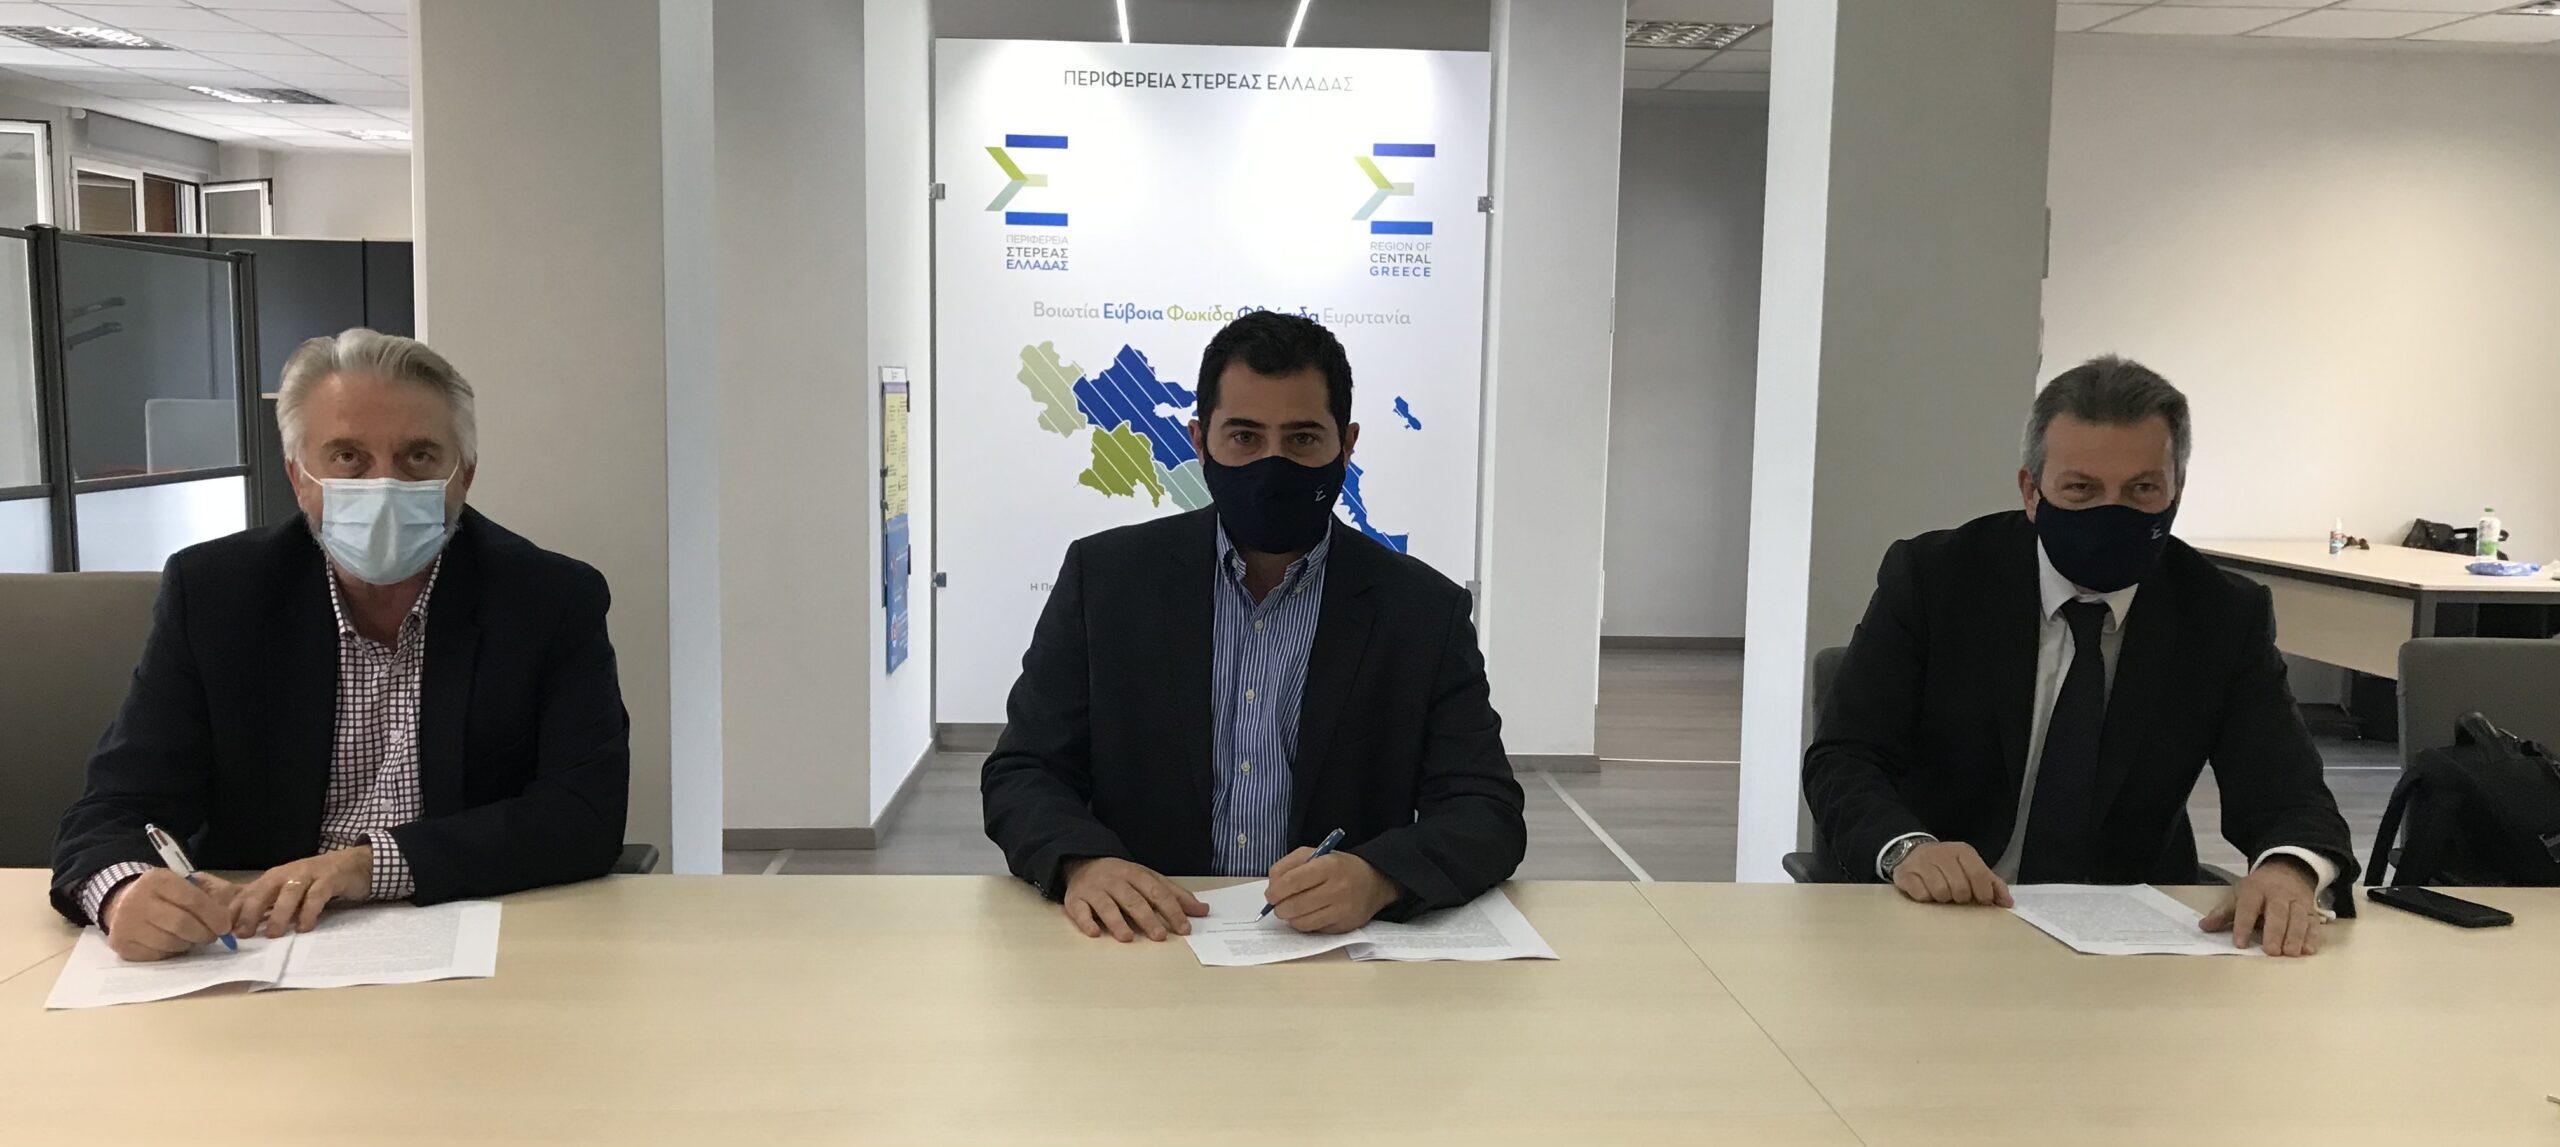 Σπανός: Παραχώρηση κτιρίου από την ΠΣΤΕ στο Δήμο Δωρίδος για τη δημιουργία του νέου Αστυνομικού Τμήματος Ευπαλίου